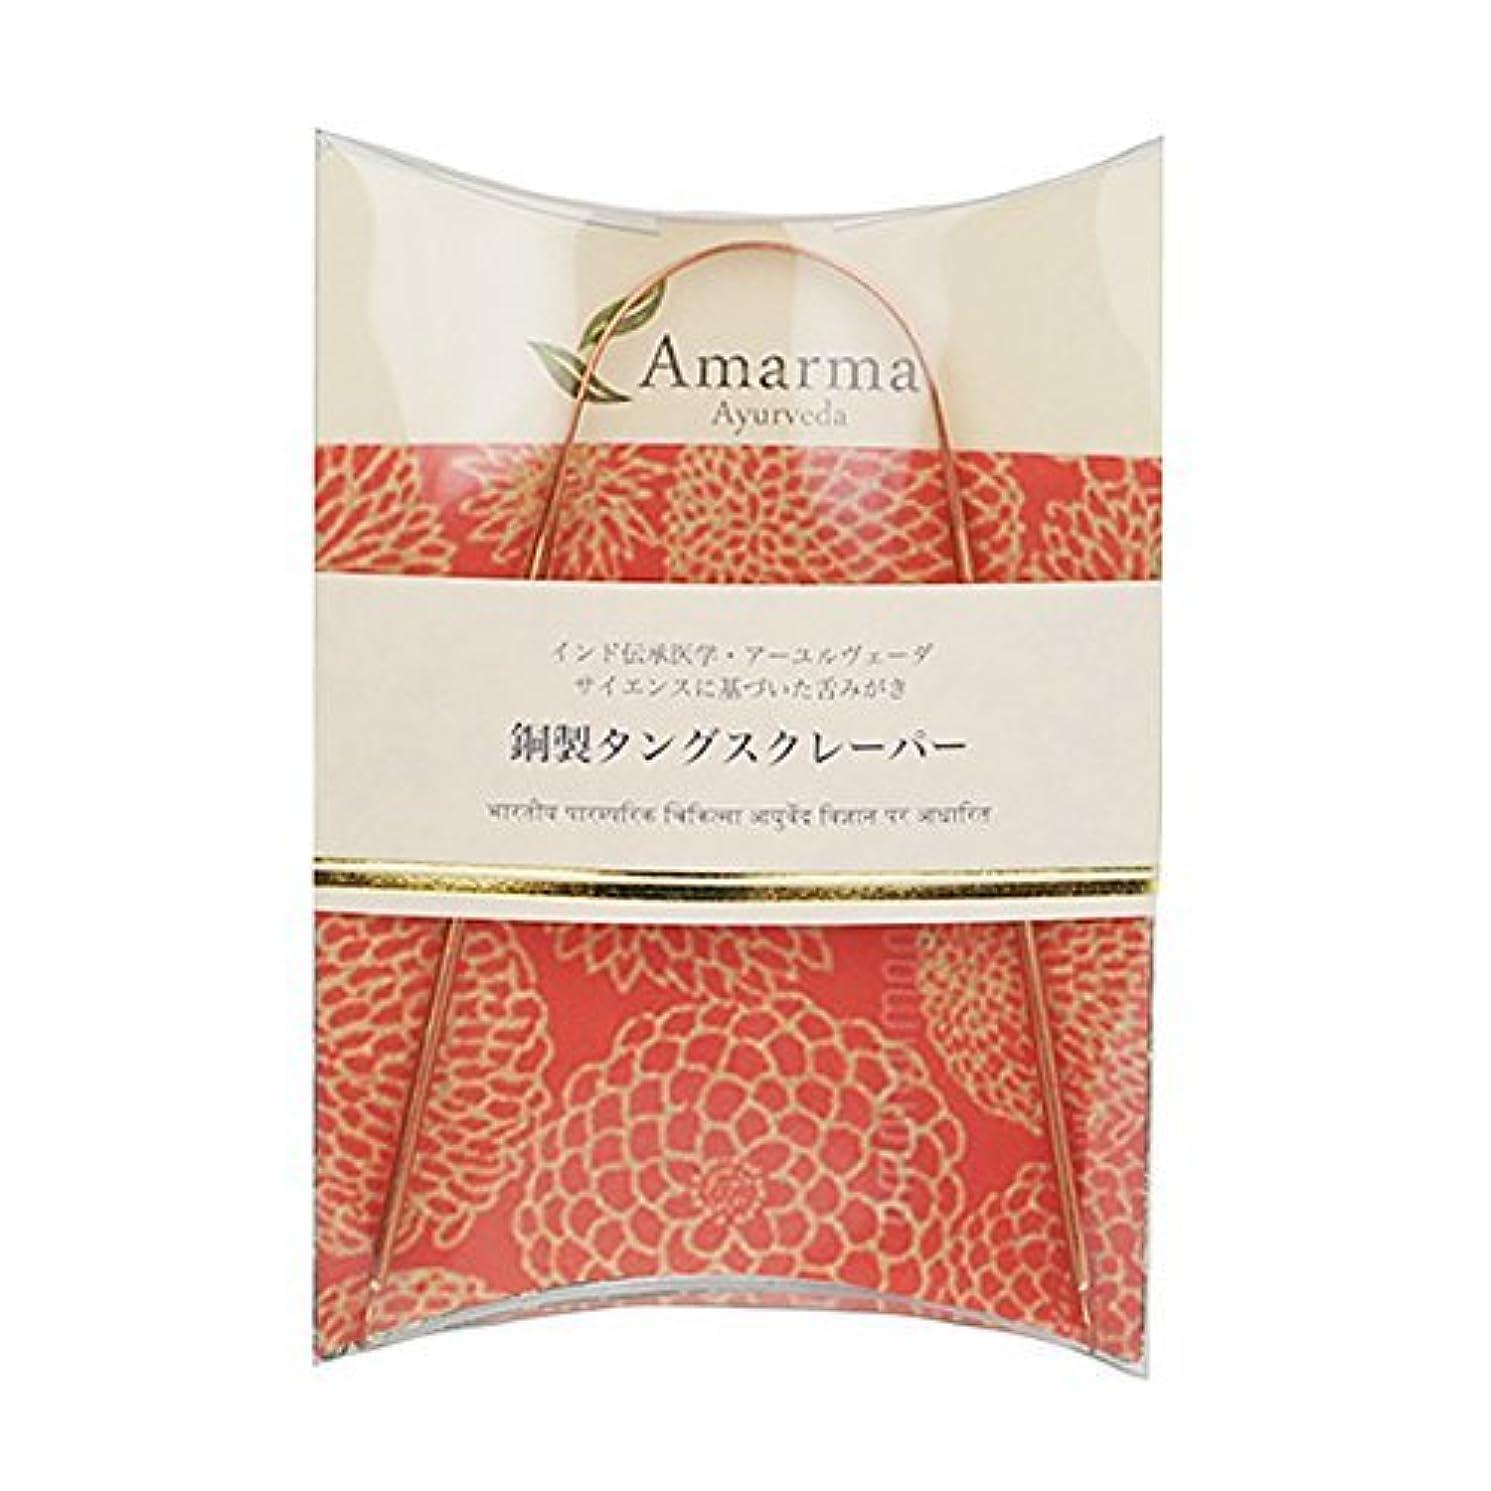 回るチャネル刺激する銅製タングスクレーパー(舌みがき)日本製